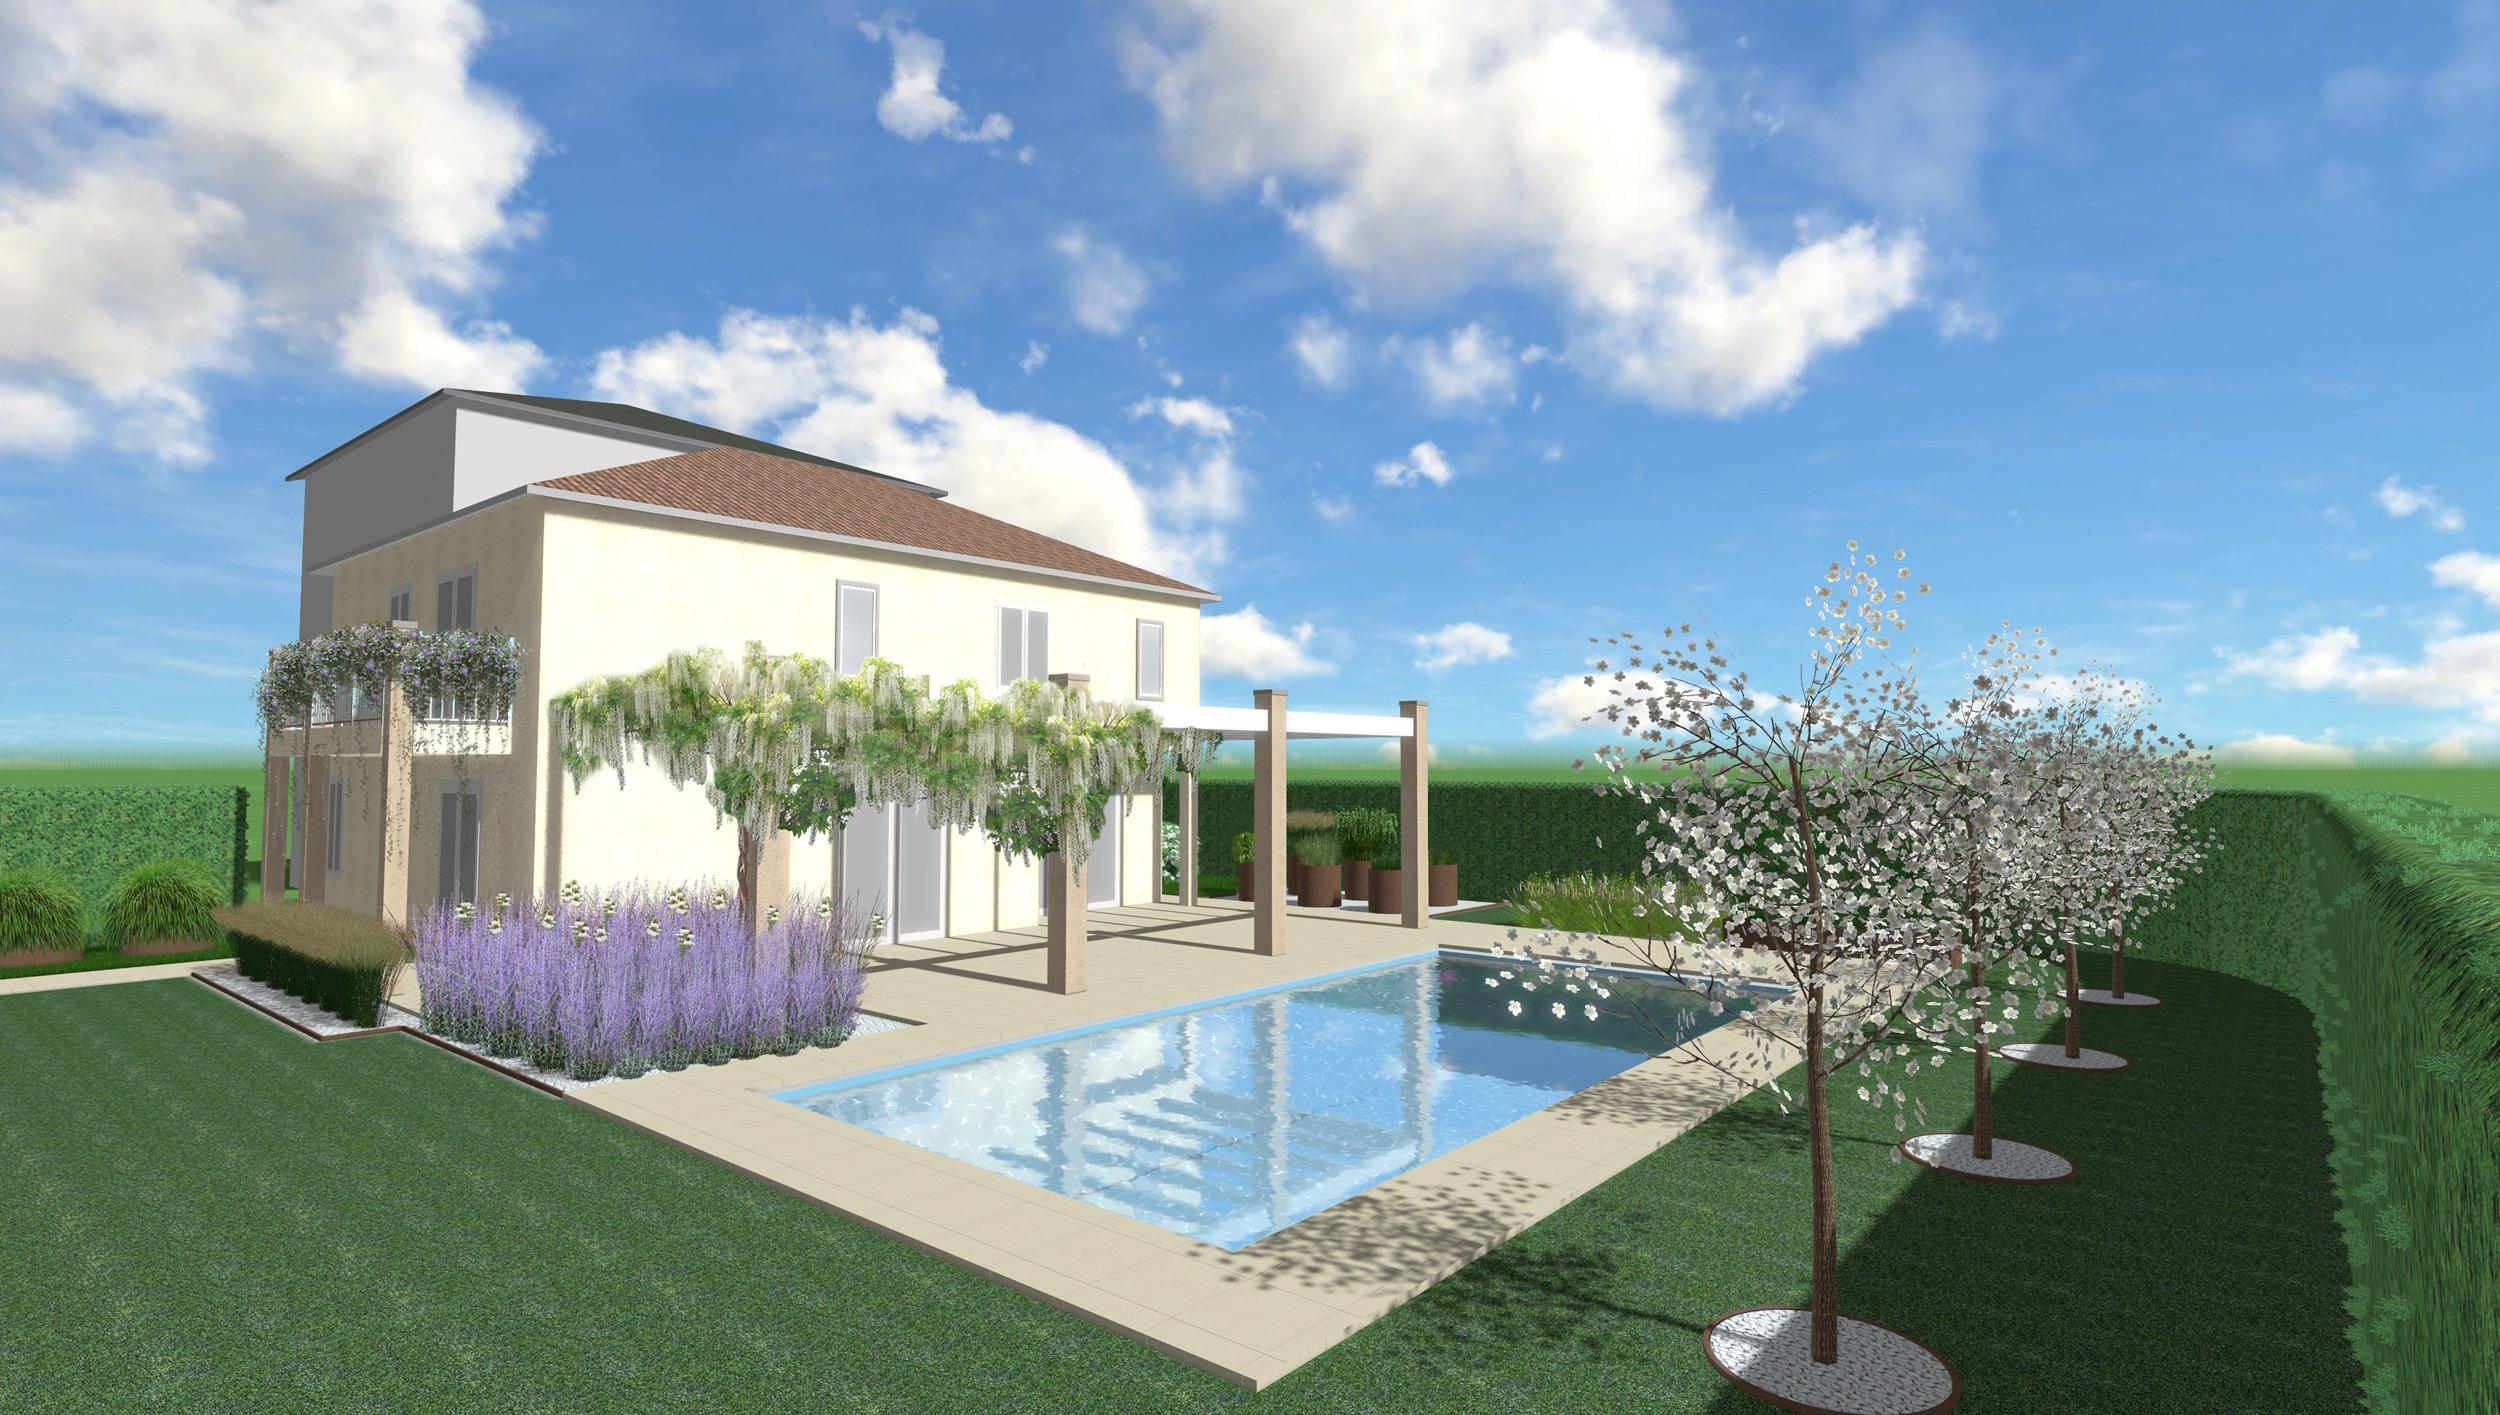 Progetto giardino con piscina latest progetto giardino con piscina with progetto giardino con - Progetto casa moderna ...